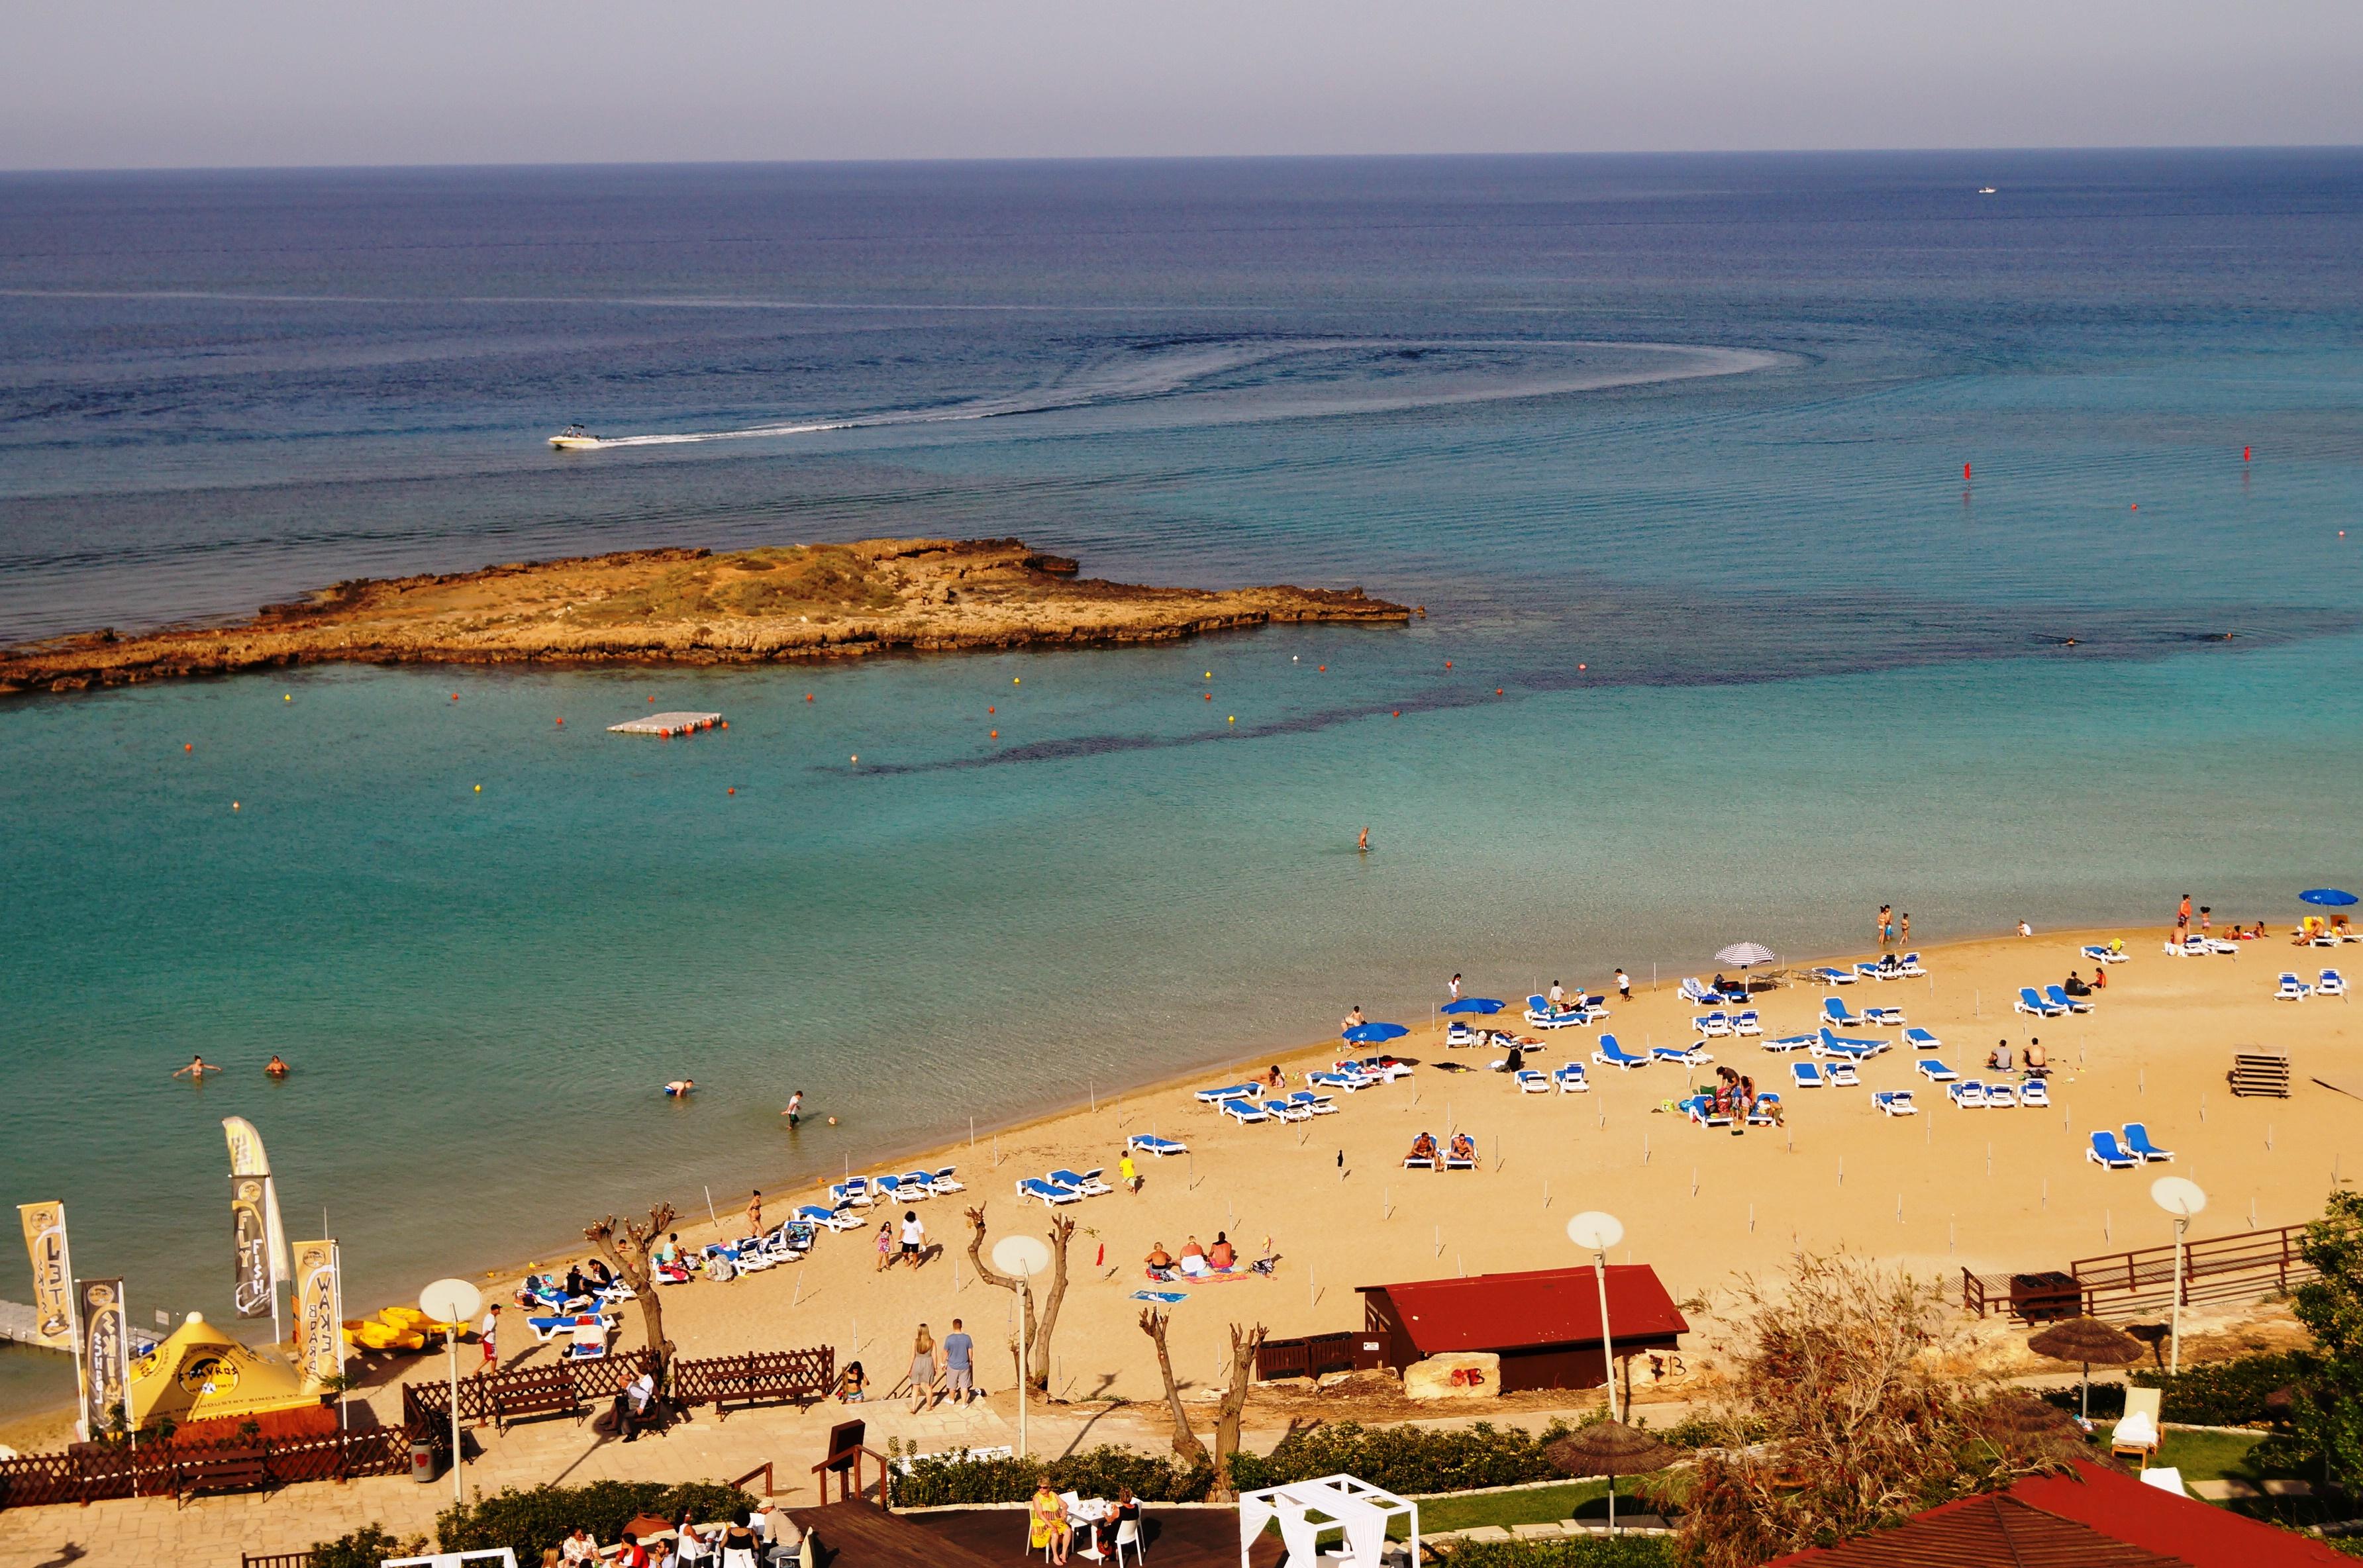 Лучшие пляжи Кипра. Где лучший пляжный отдых на Кипре